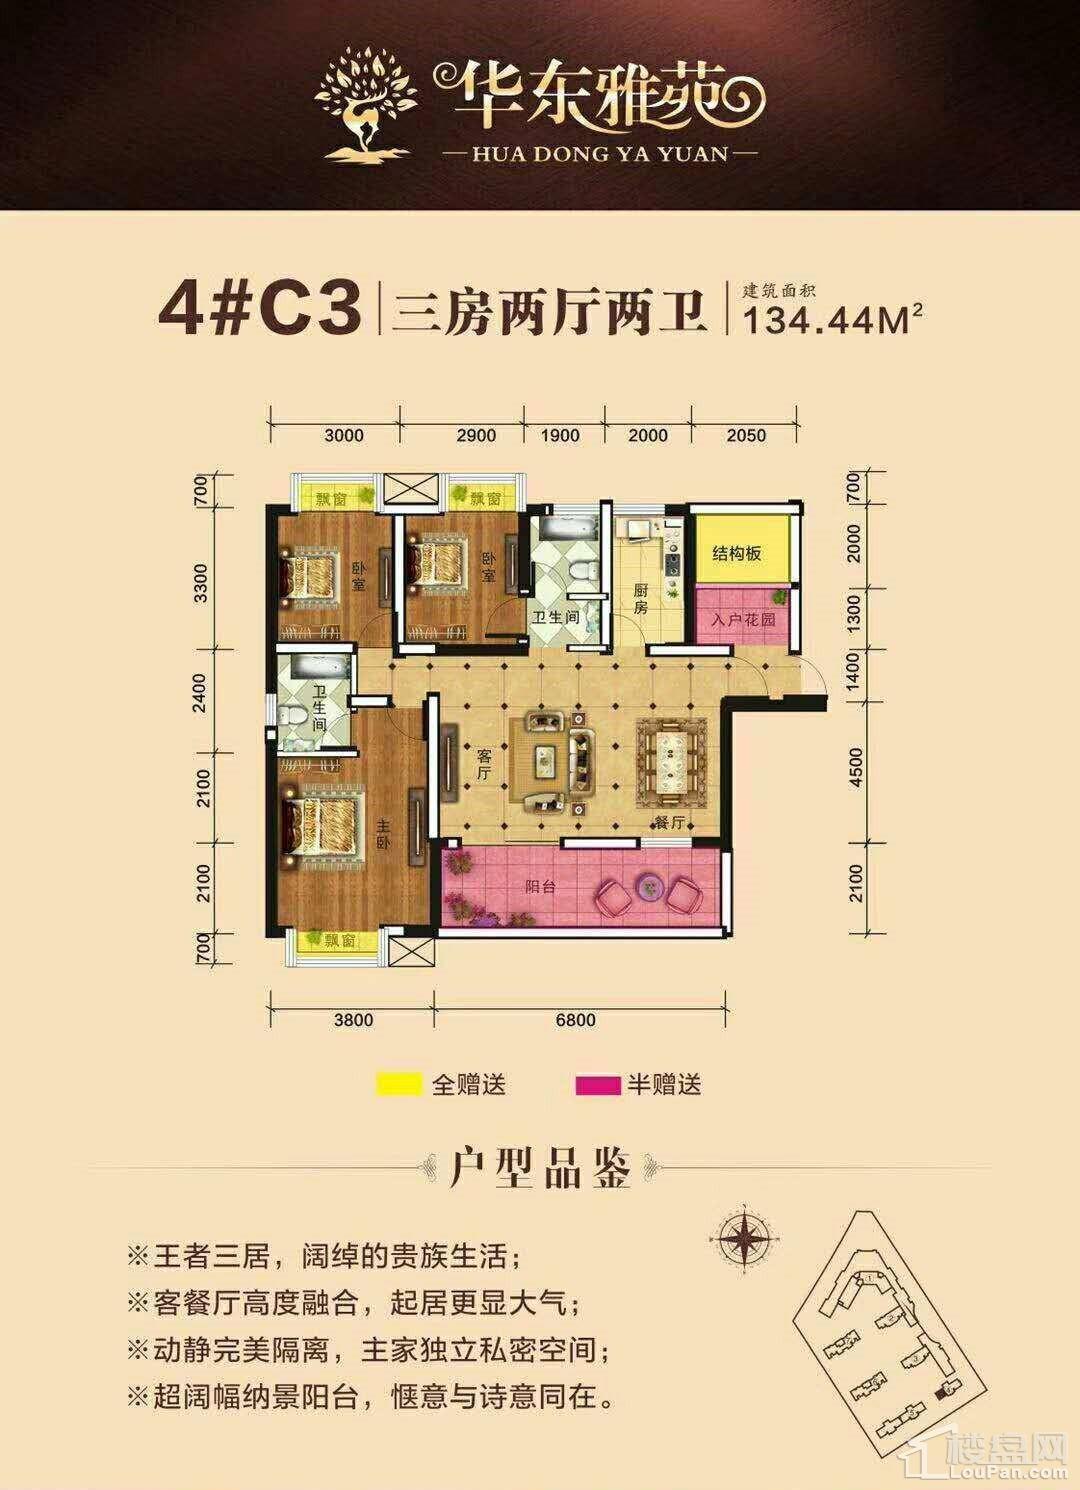 华东雅苑4栋C3户型